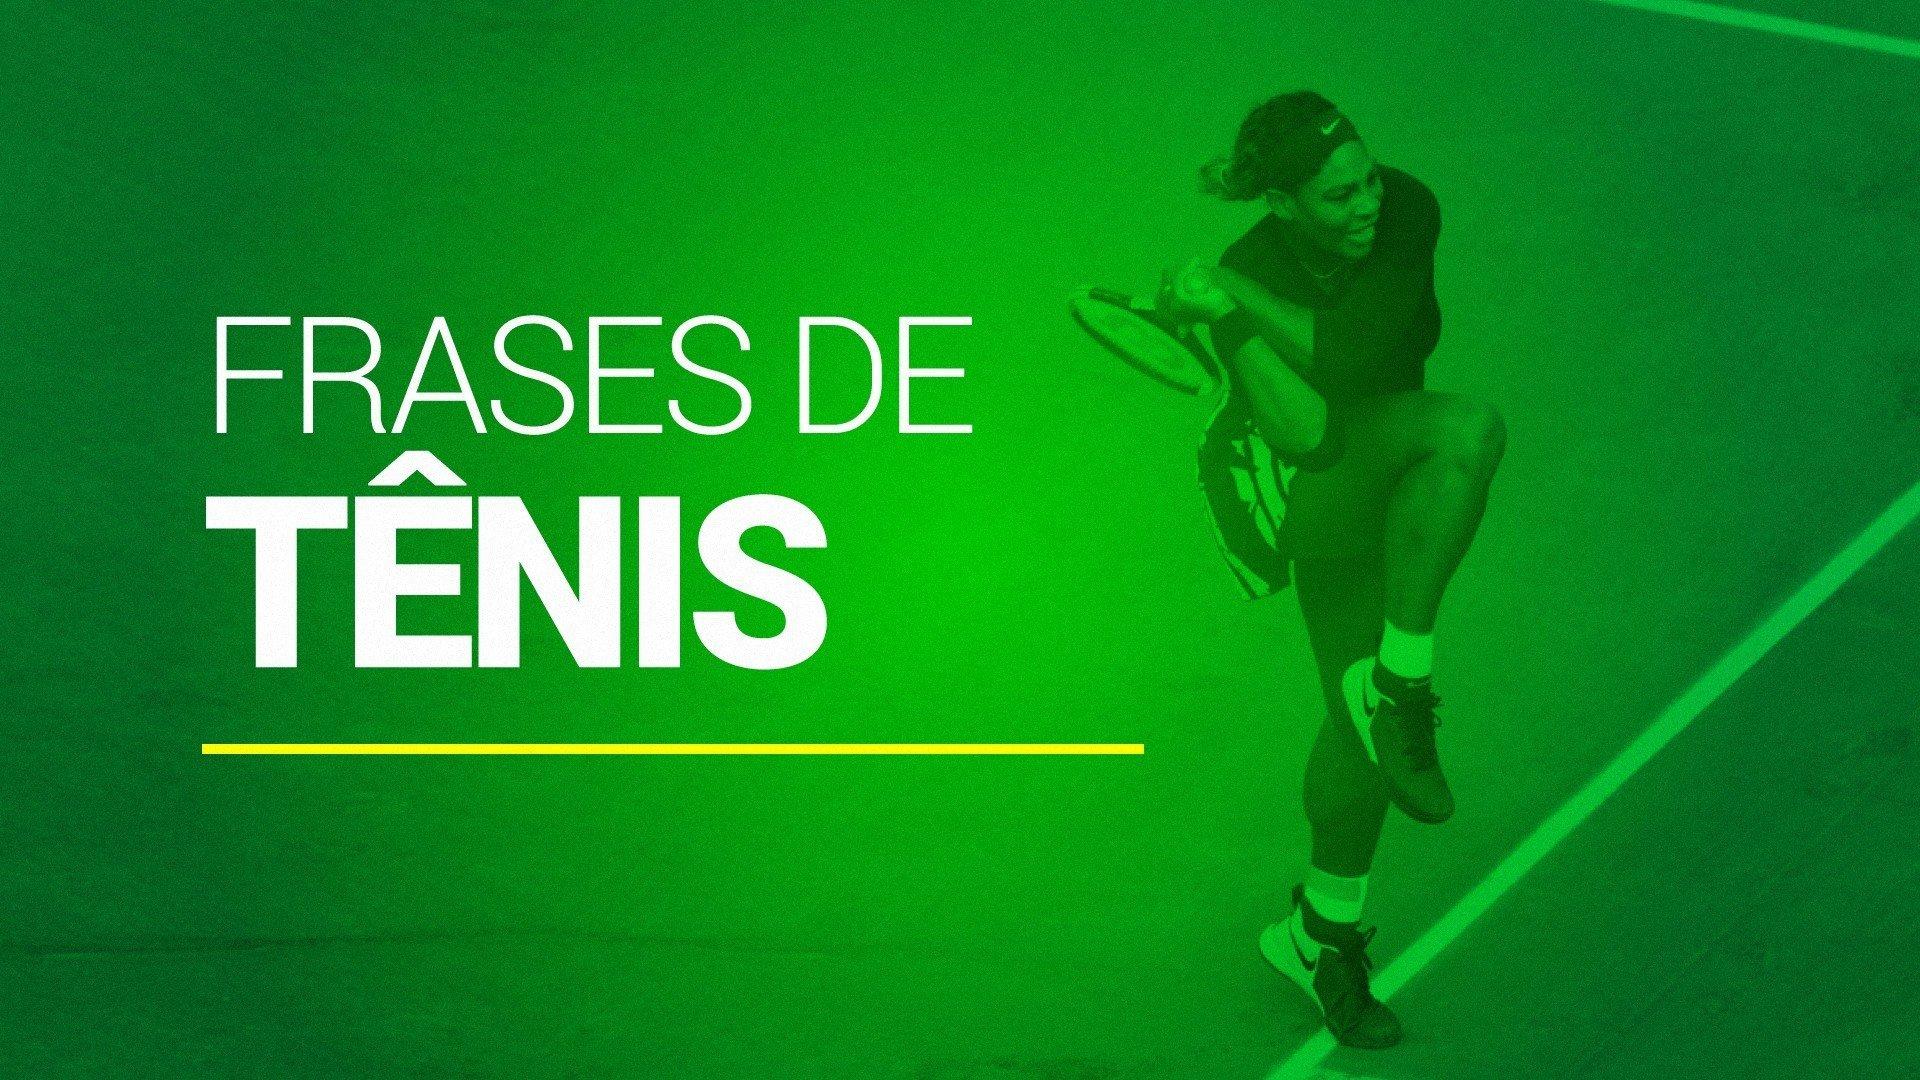 Veja 83 Frases De Tênis Inspiradoras De Estrelas Do Esporte